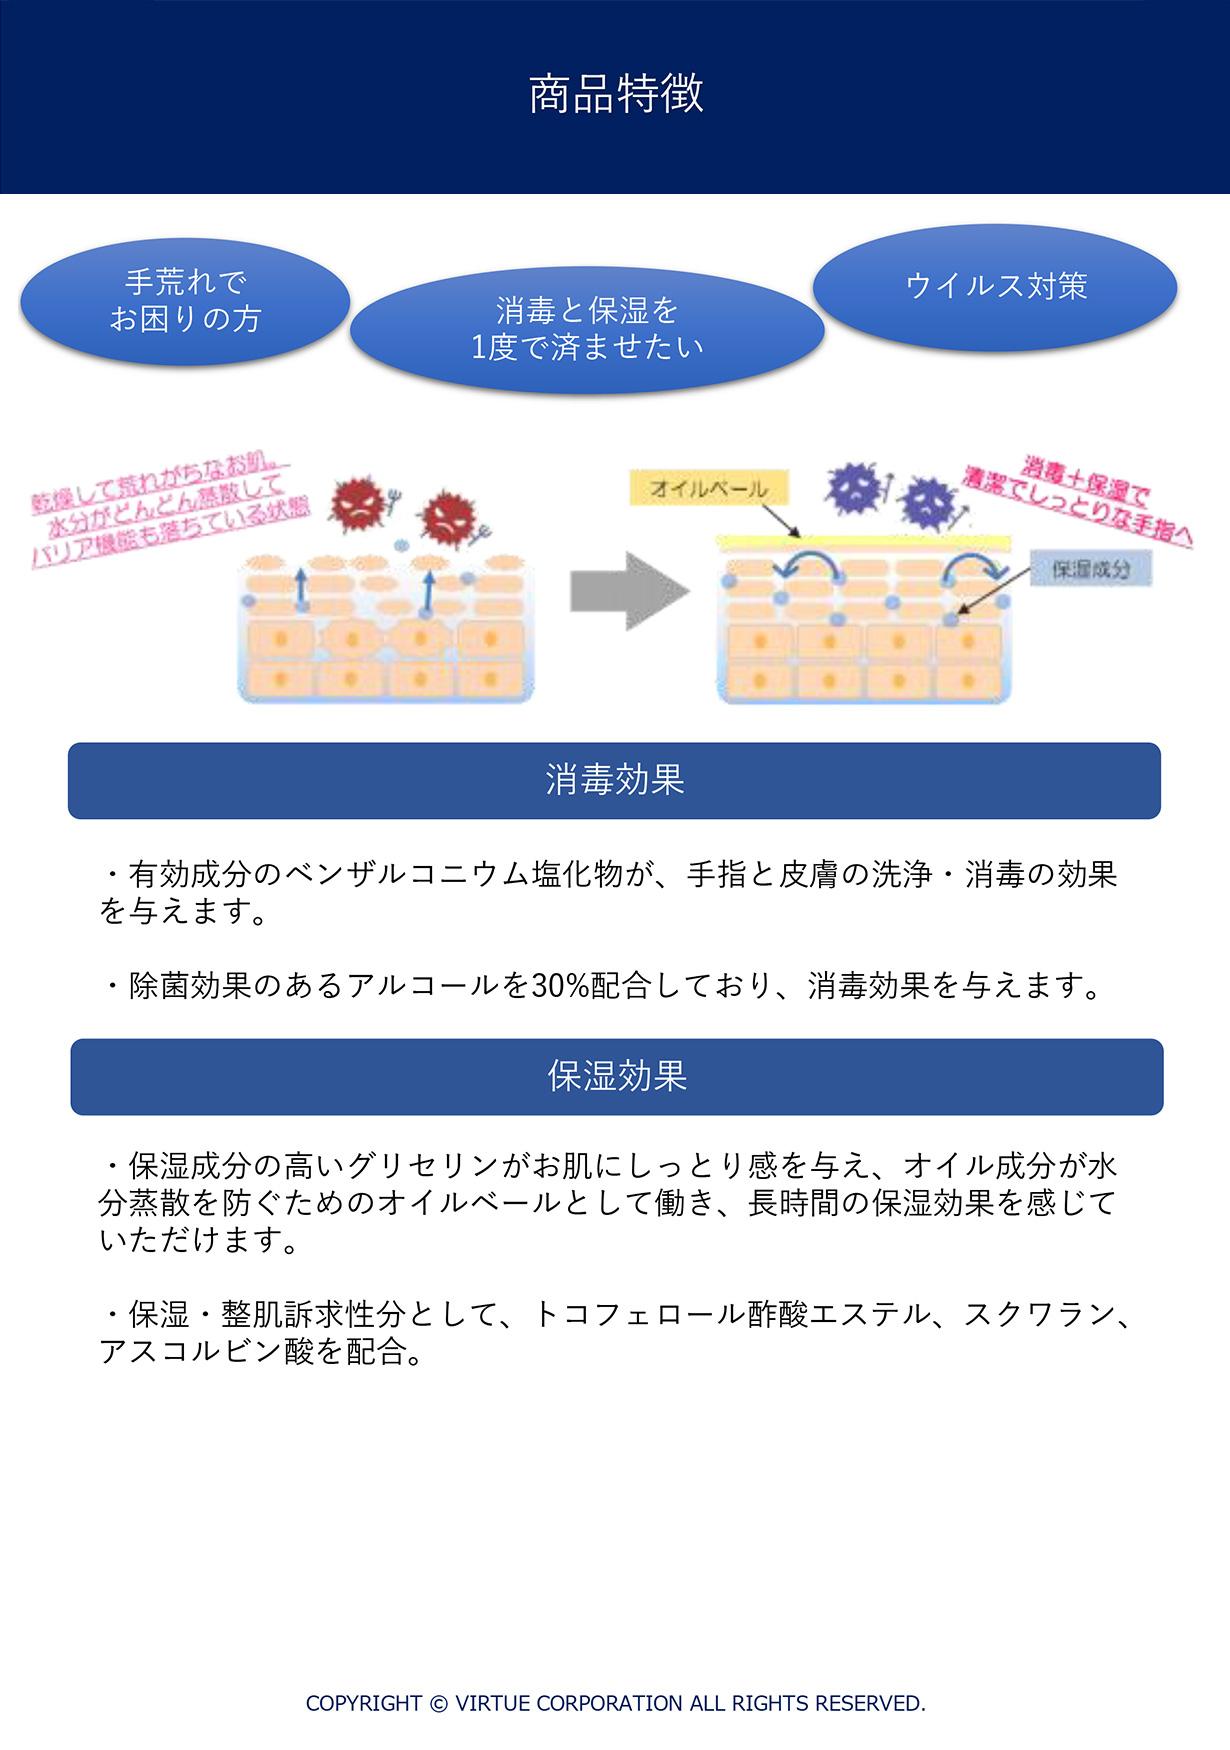 【規定書】消毒ハンドジェル(2)